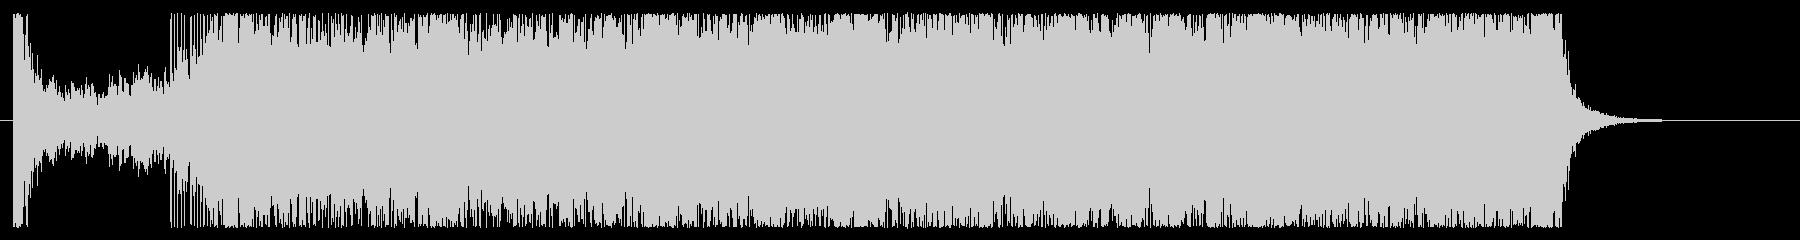 Rock系オープニングSE的な60秒の未再生の波形